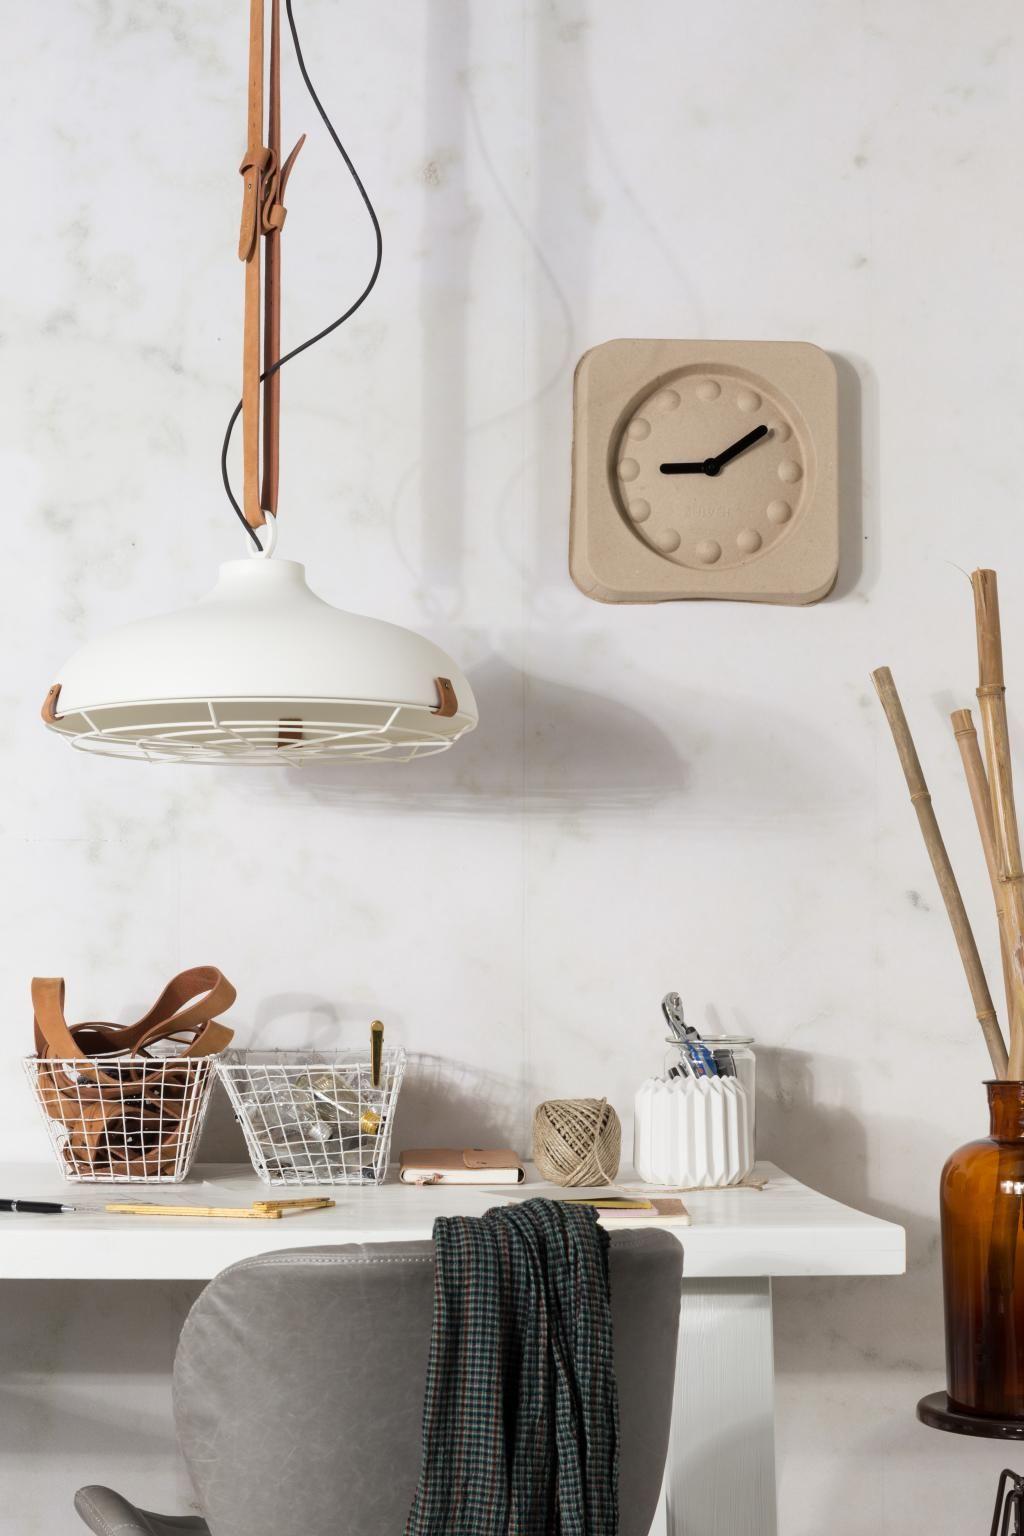 Zuiver Hanglamp Dek 51 Lichtgrijs - Design meubelen & verlichting ...